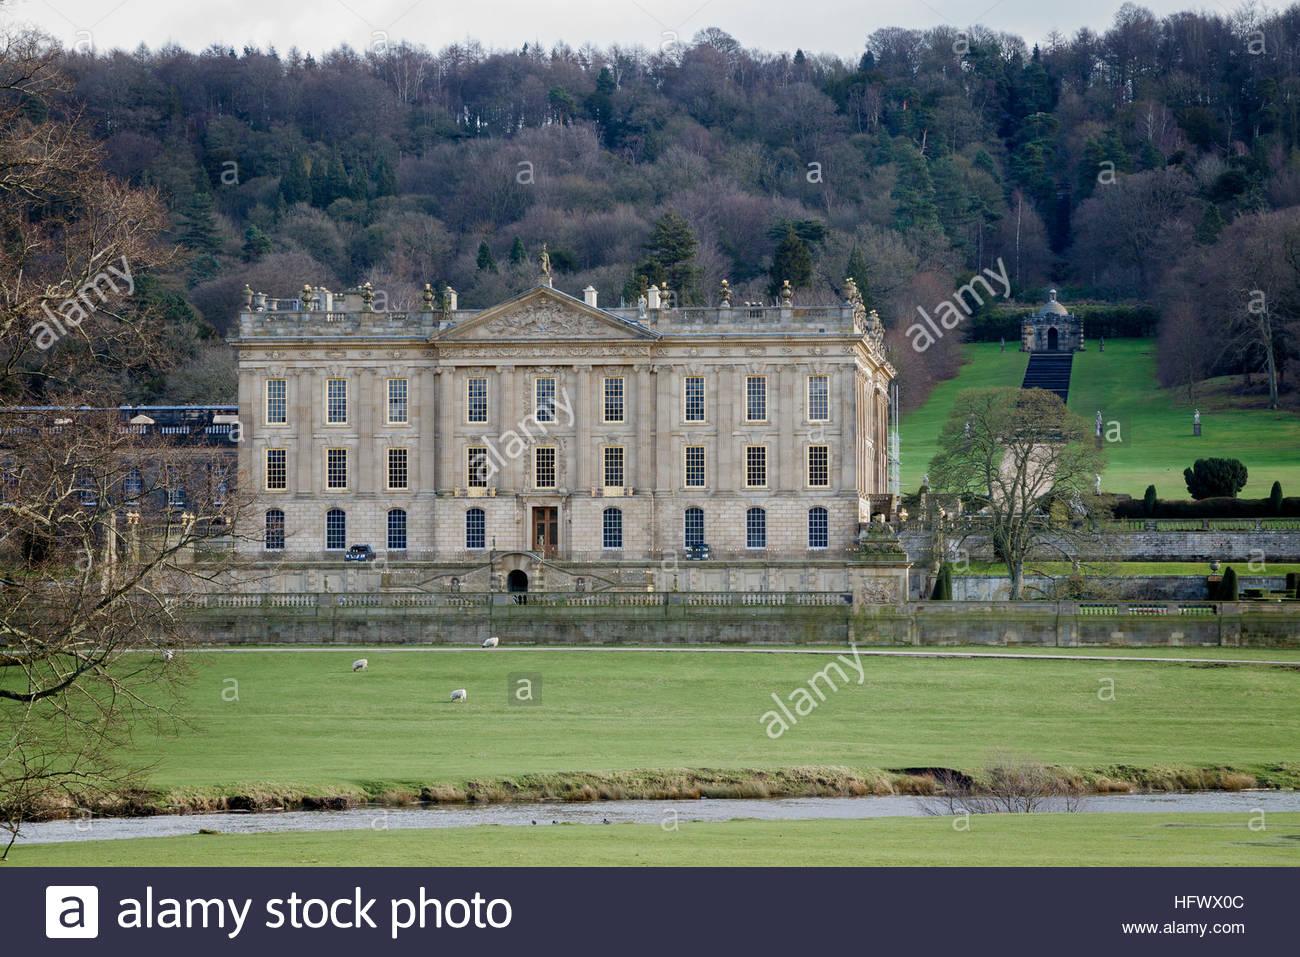 Chatsworth House, Chatsworth Estate, Derbyshire, England, United Kingdom, Europe - Stock Image